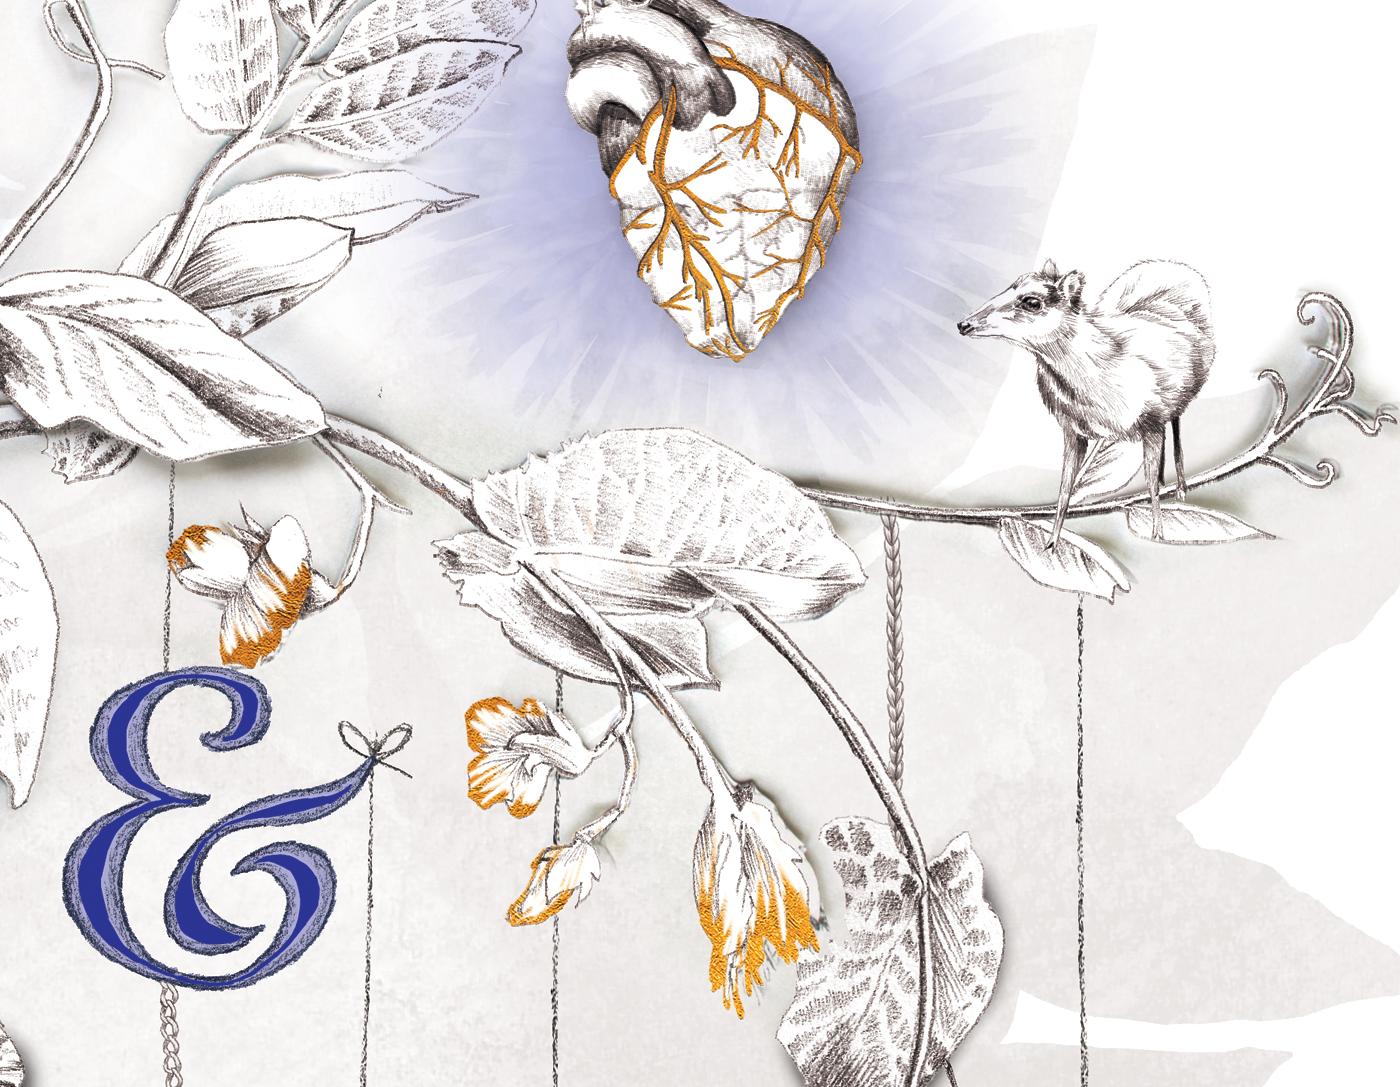 fug. 3. Detail of illustration